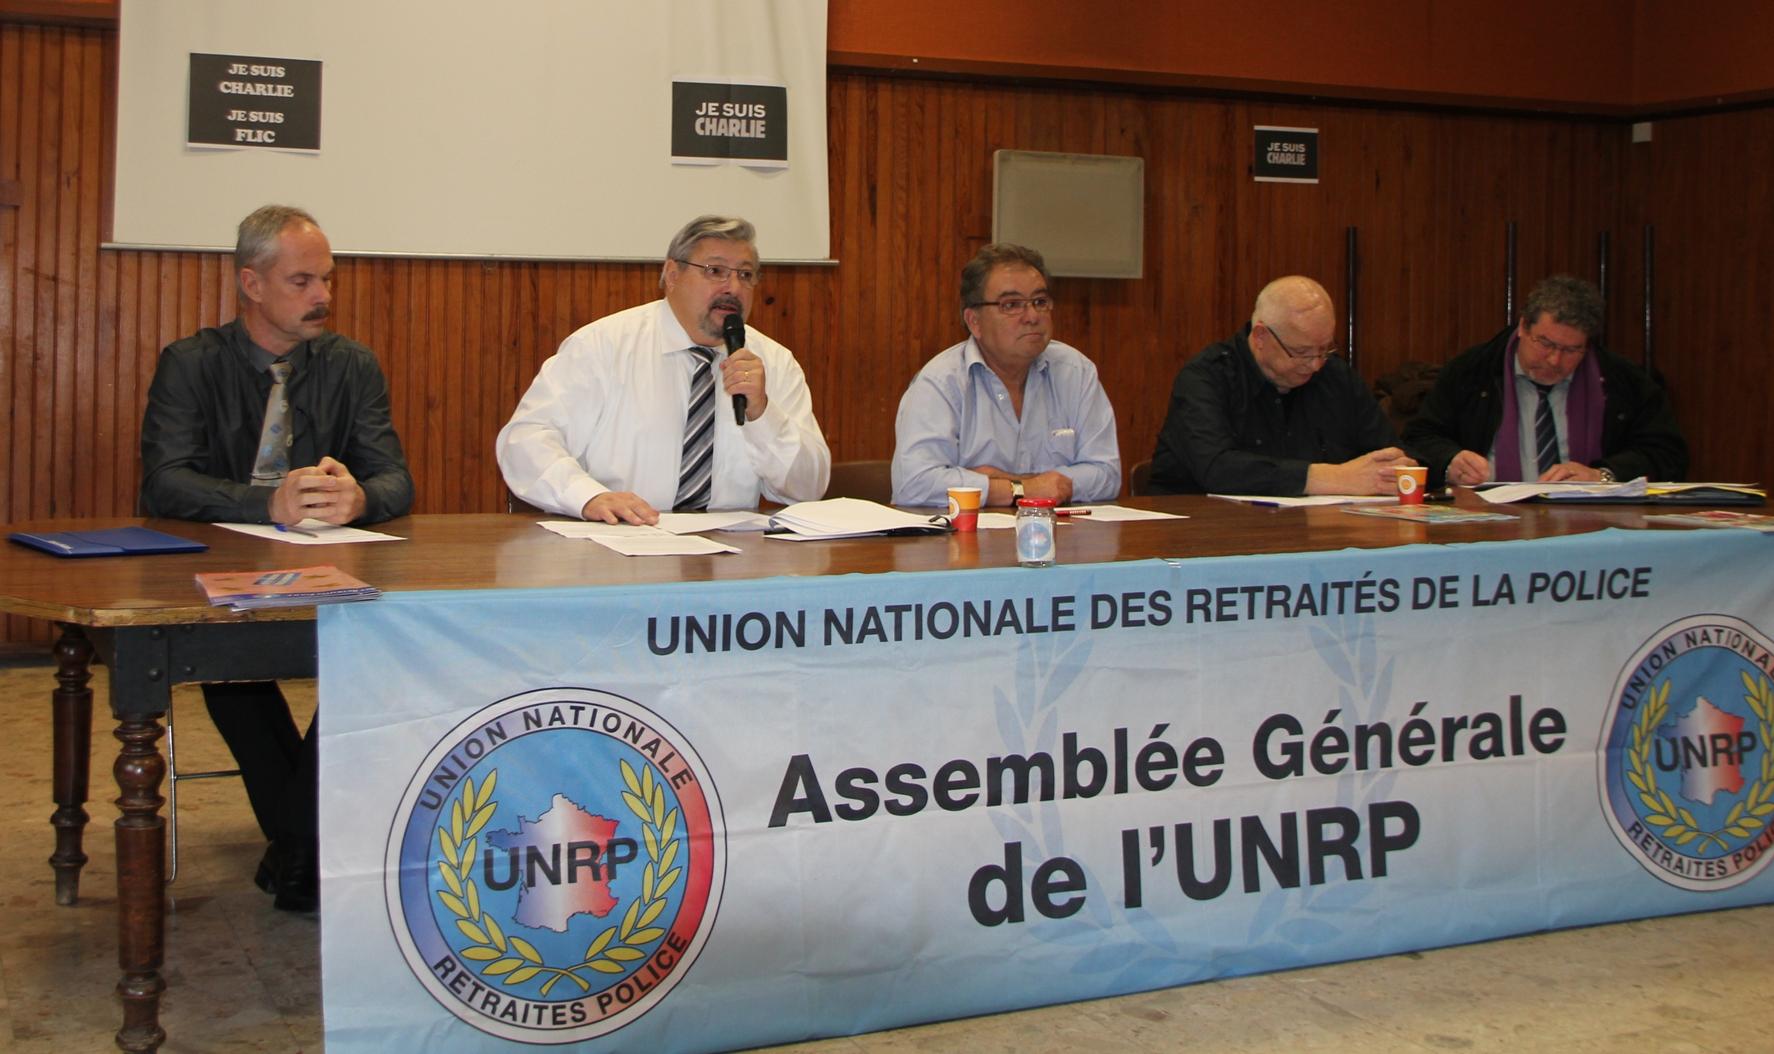 AG UNRP 63 du 14-01-2015